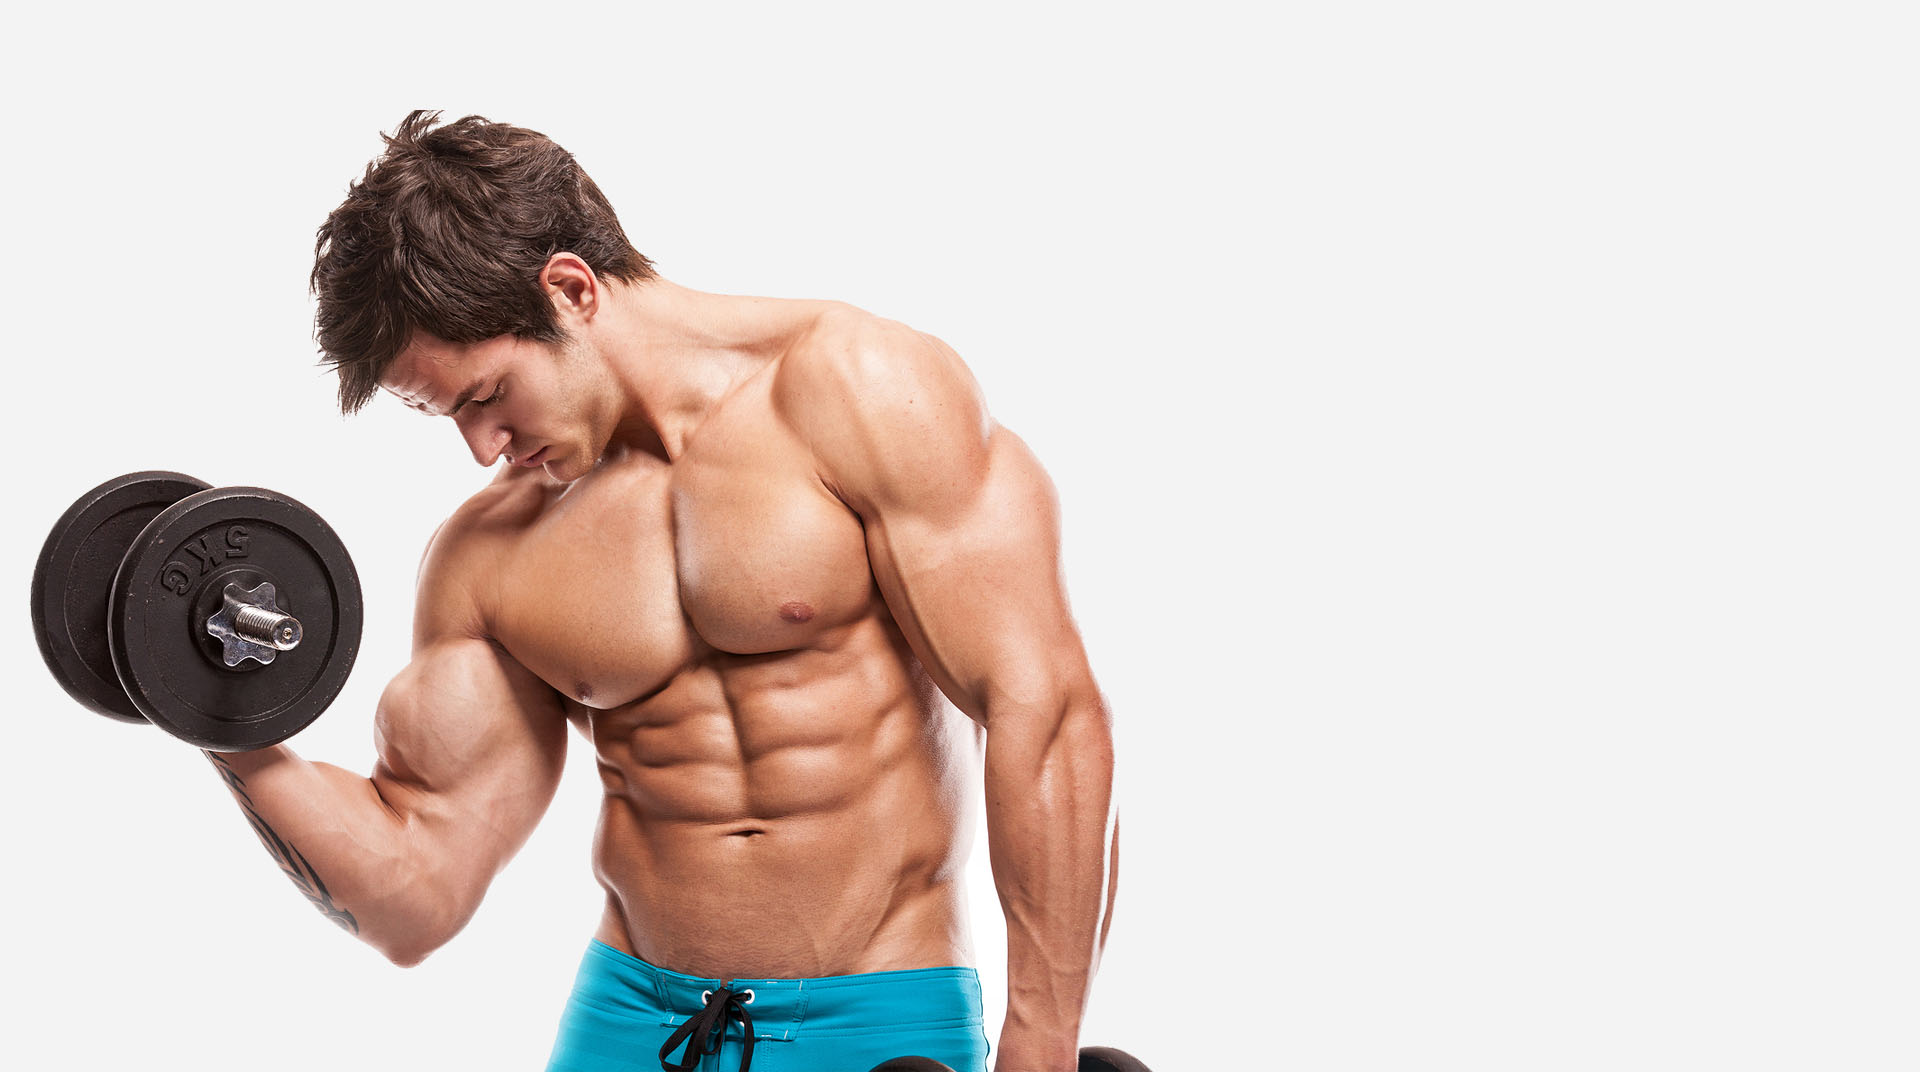 comprare steroidi online in italia